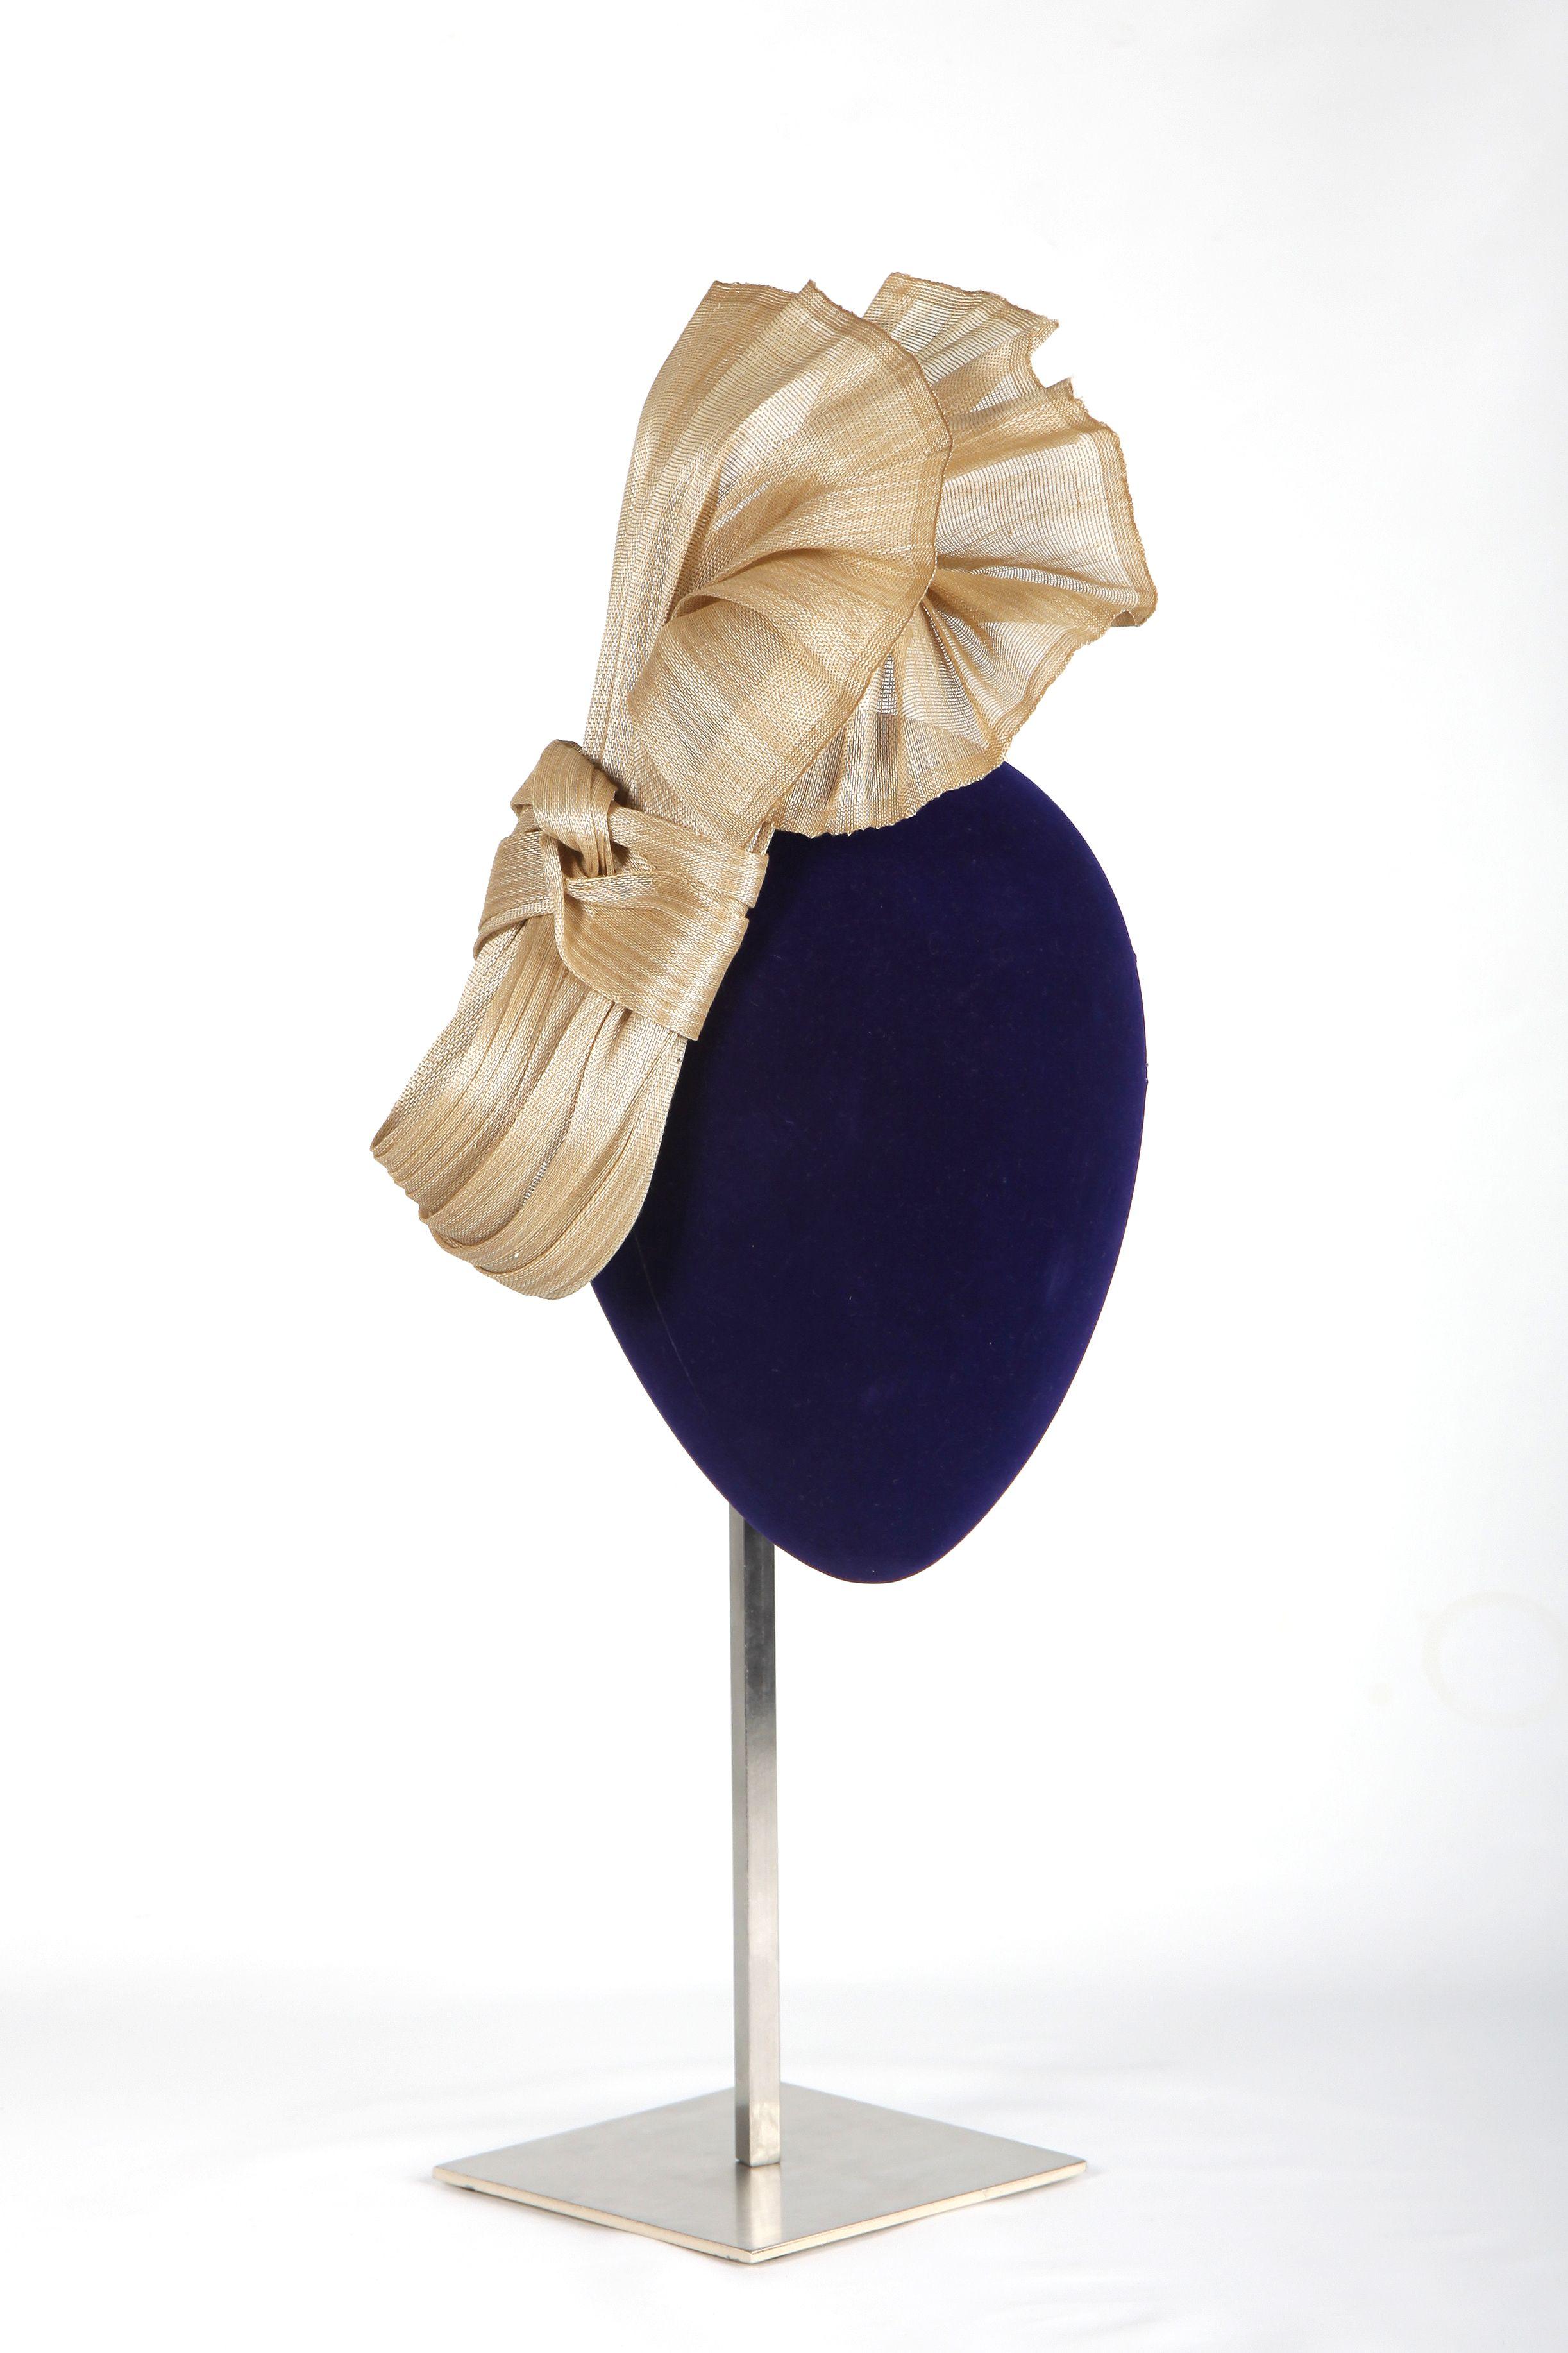 Tocado LAURA MURCIA en sinamay de seda. #dorado, #handmade, #madrina, #invitada. www.lauramurcia.es